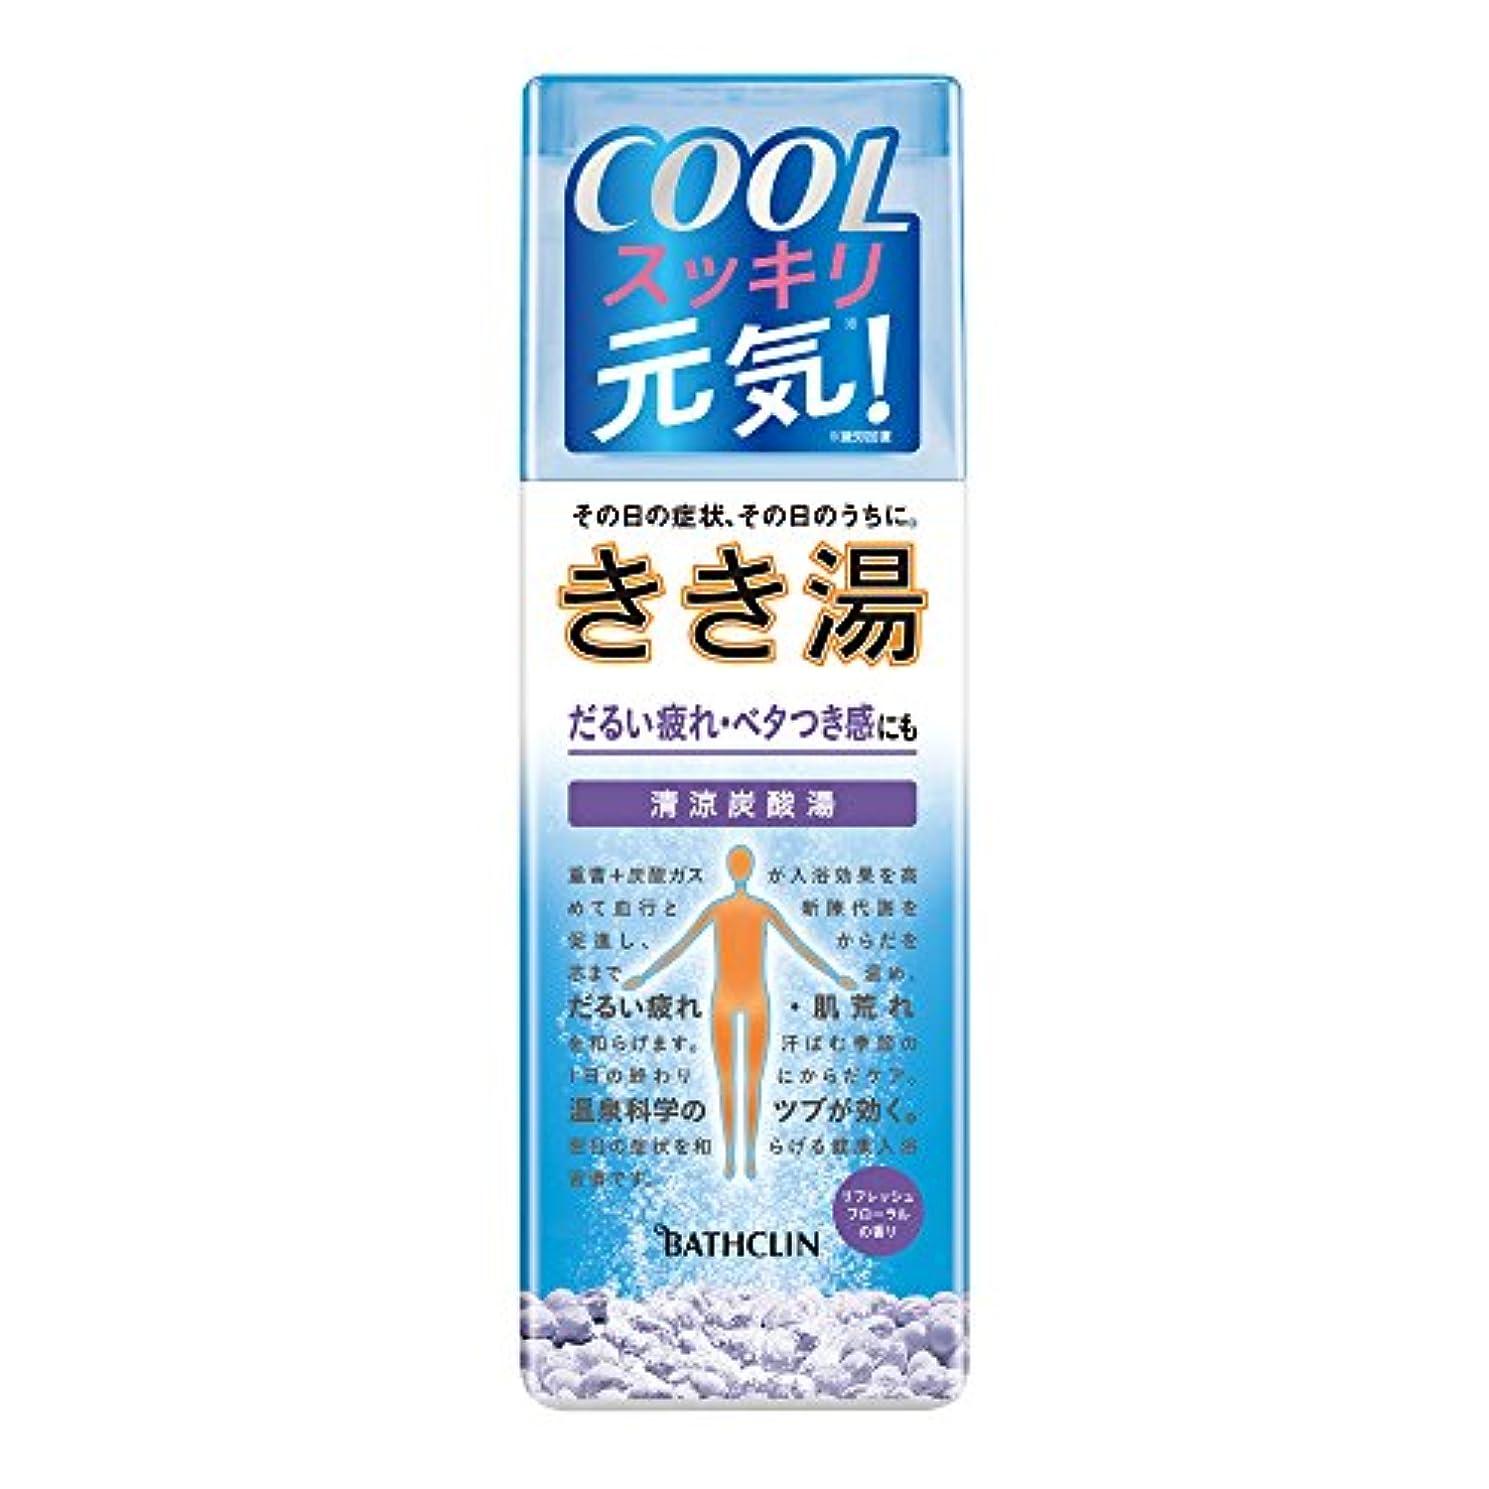 グロー代わりの排除する【医薬部外品】きき湯清涼炭酸湯リフレッシュフローラルの香り 360gマリンブルーの湯透明タイプ 入浴剤